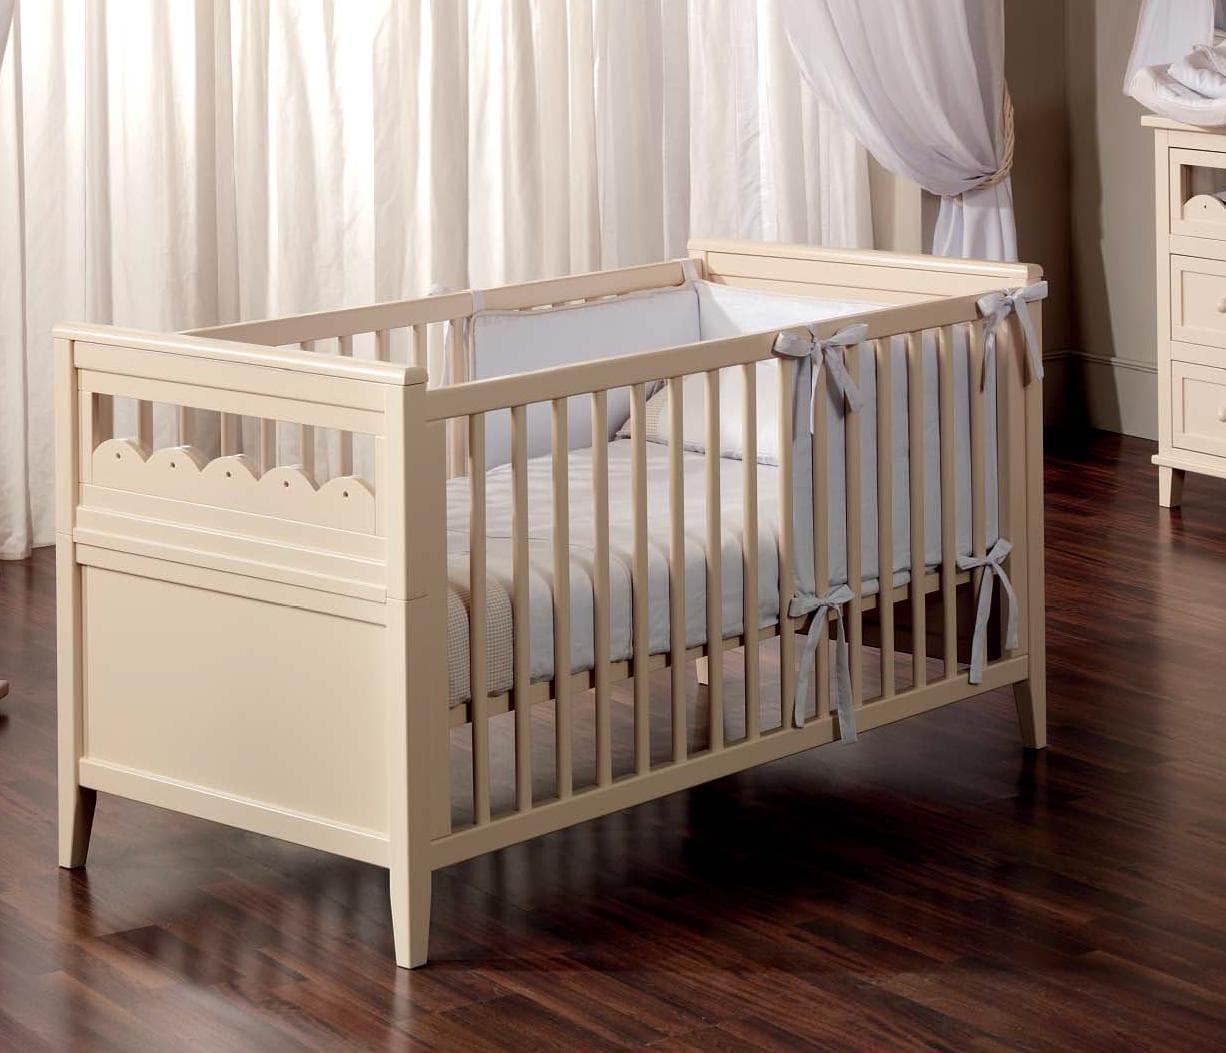 Cómo elegir un colchón cuna adecuado para tu bebé